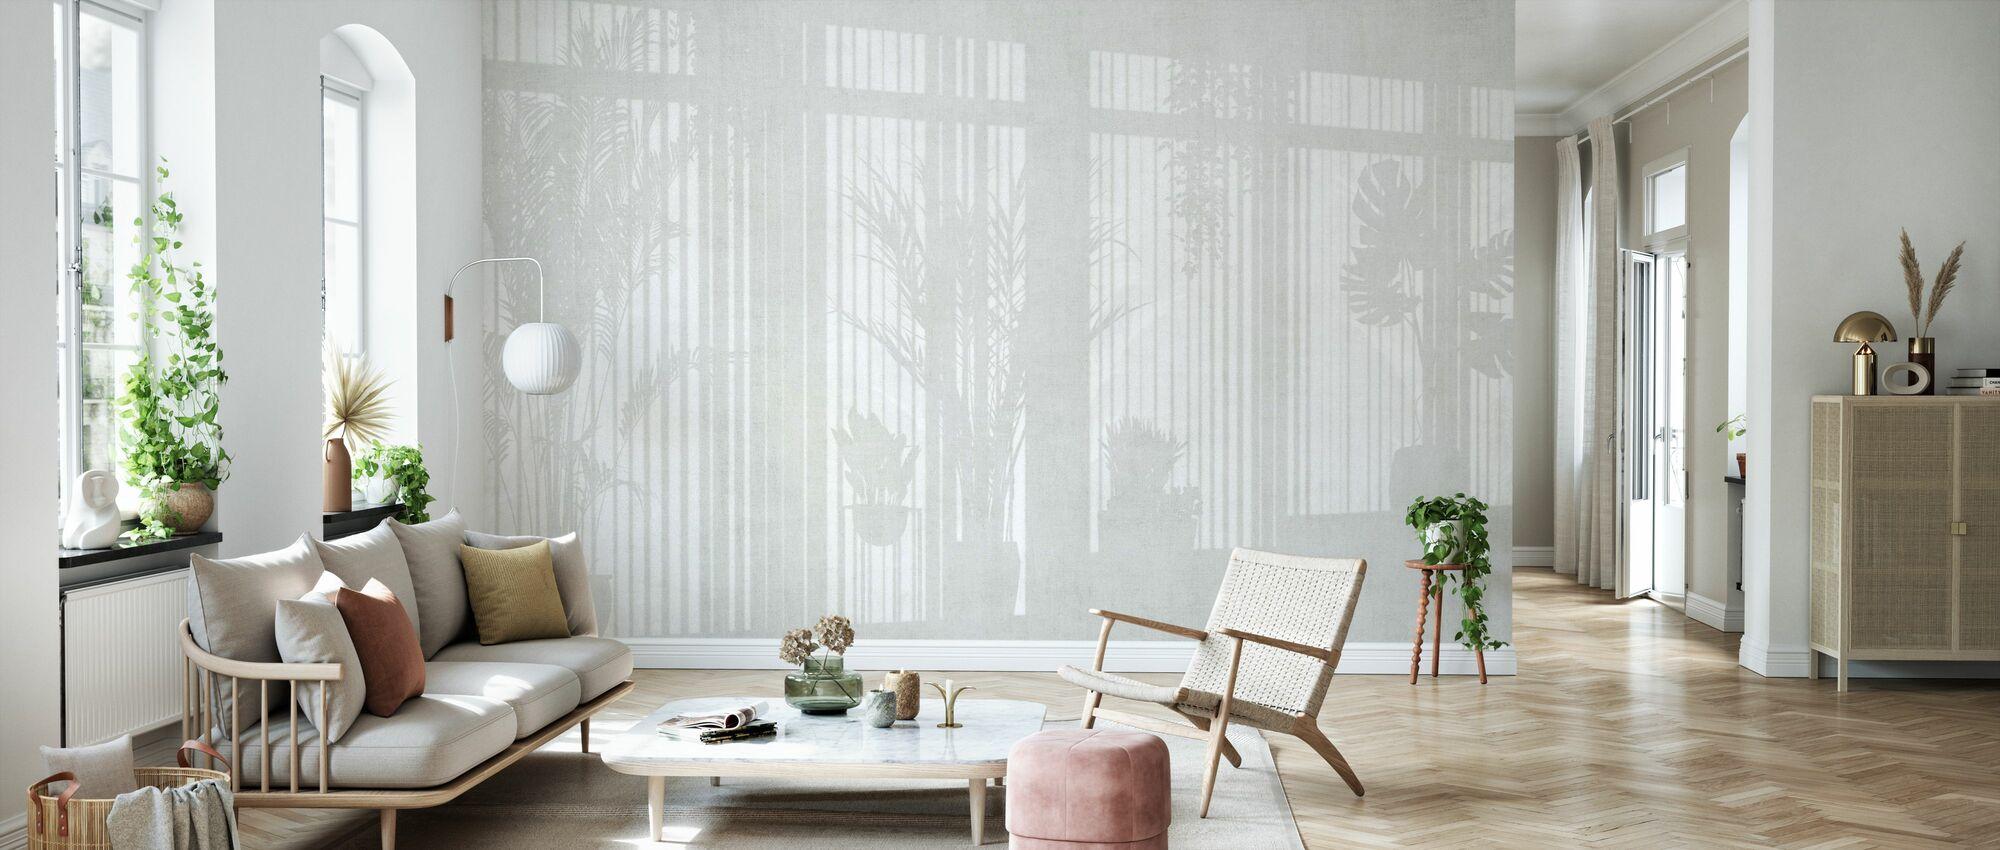 Sunny Window - Bright - Wallpaper - Living Room